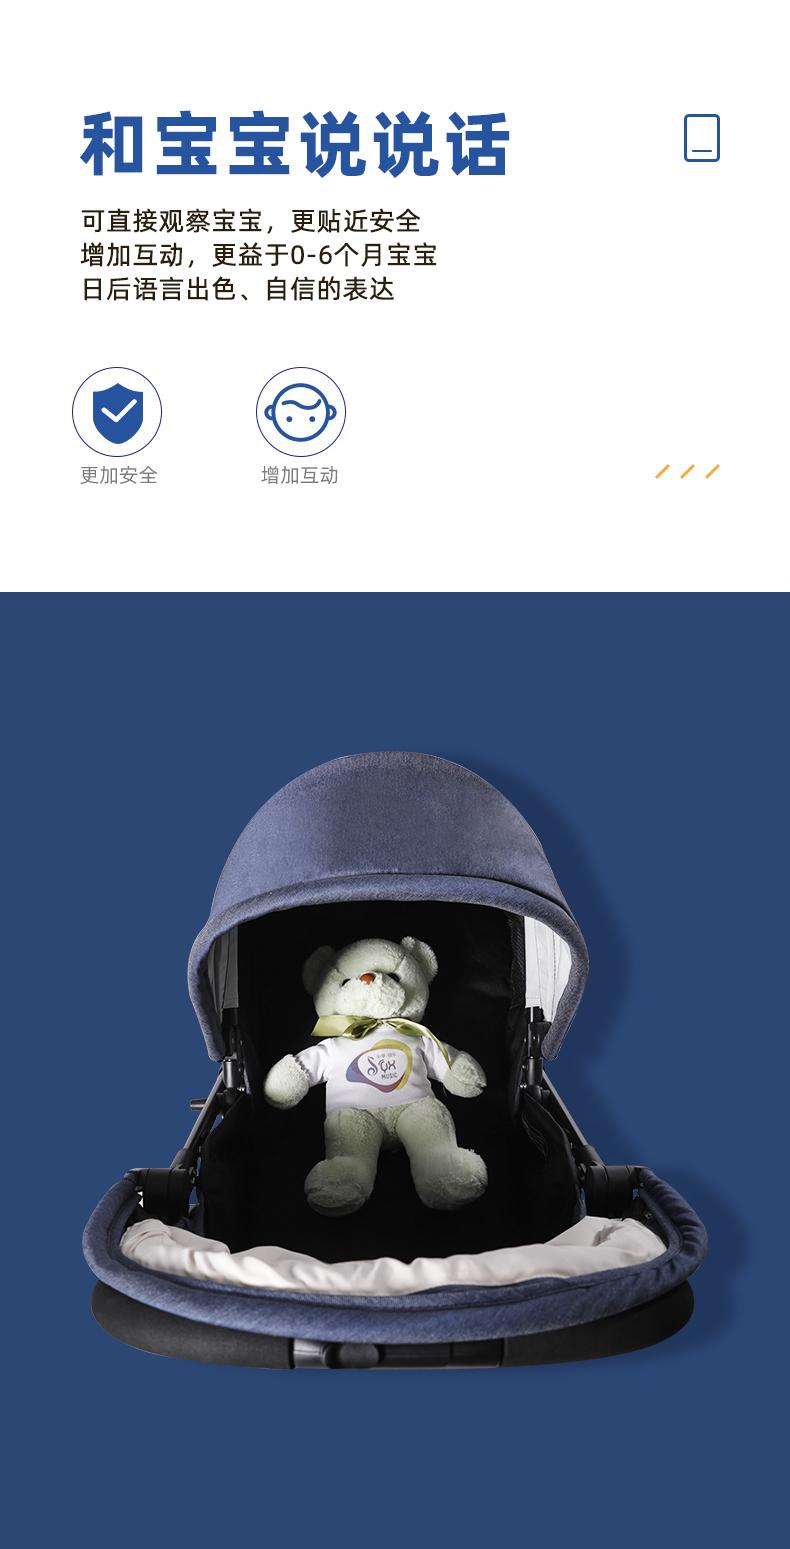 逸乐途婴儿推车可坐可躺轻便摺迭宝宝新生儿童可携式手推车详细照片